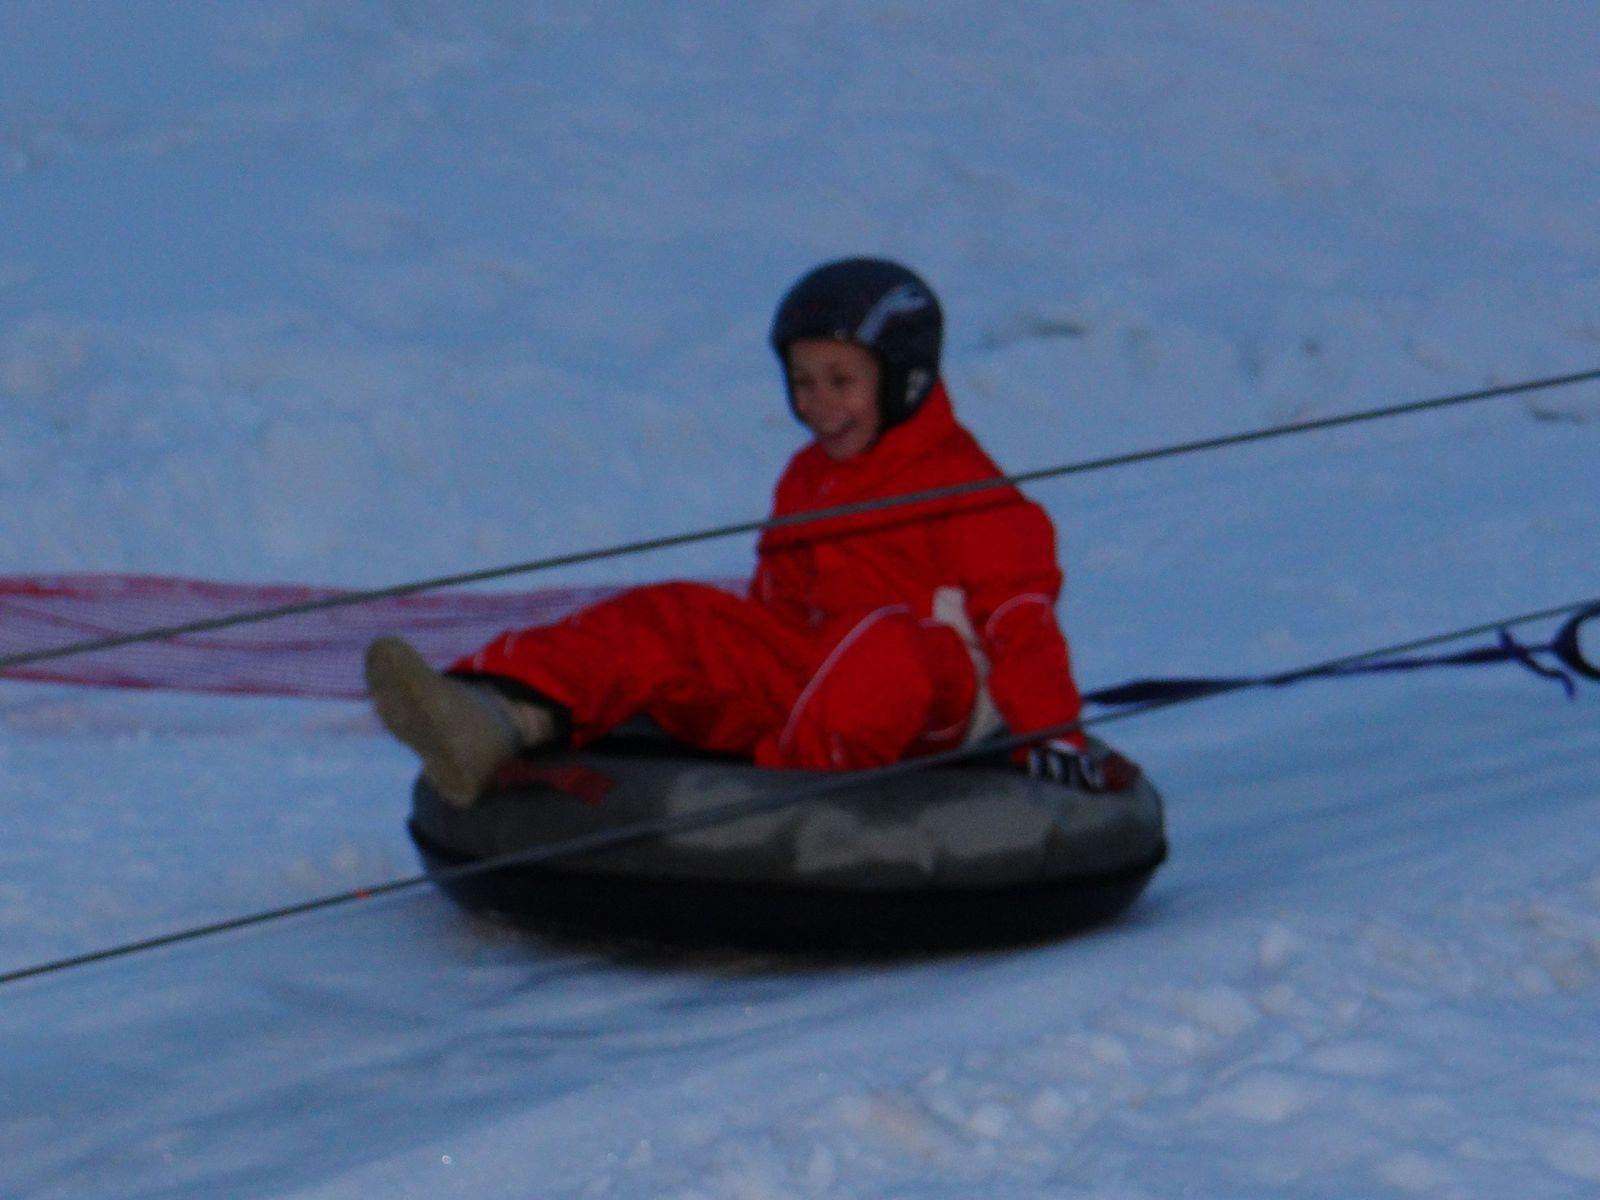 Vacances des sports d'hiver 2013 à Aussois. Cette année nous avons eu la compagnie de nos cousins/es de Montpellier...